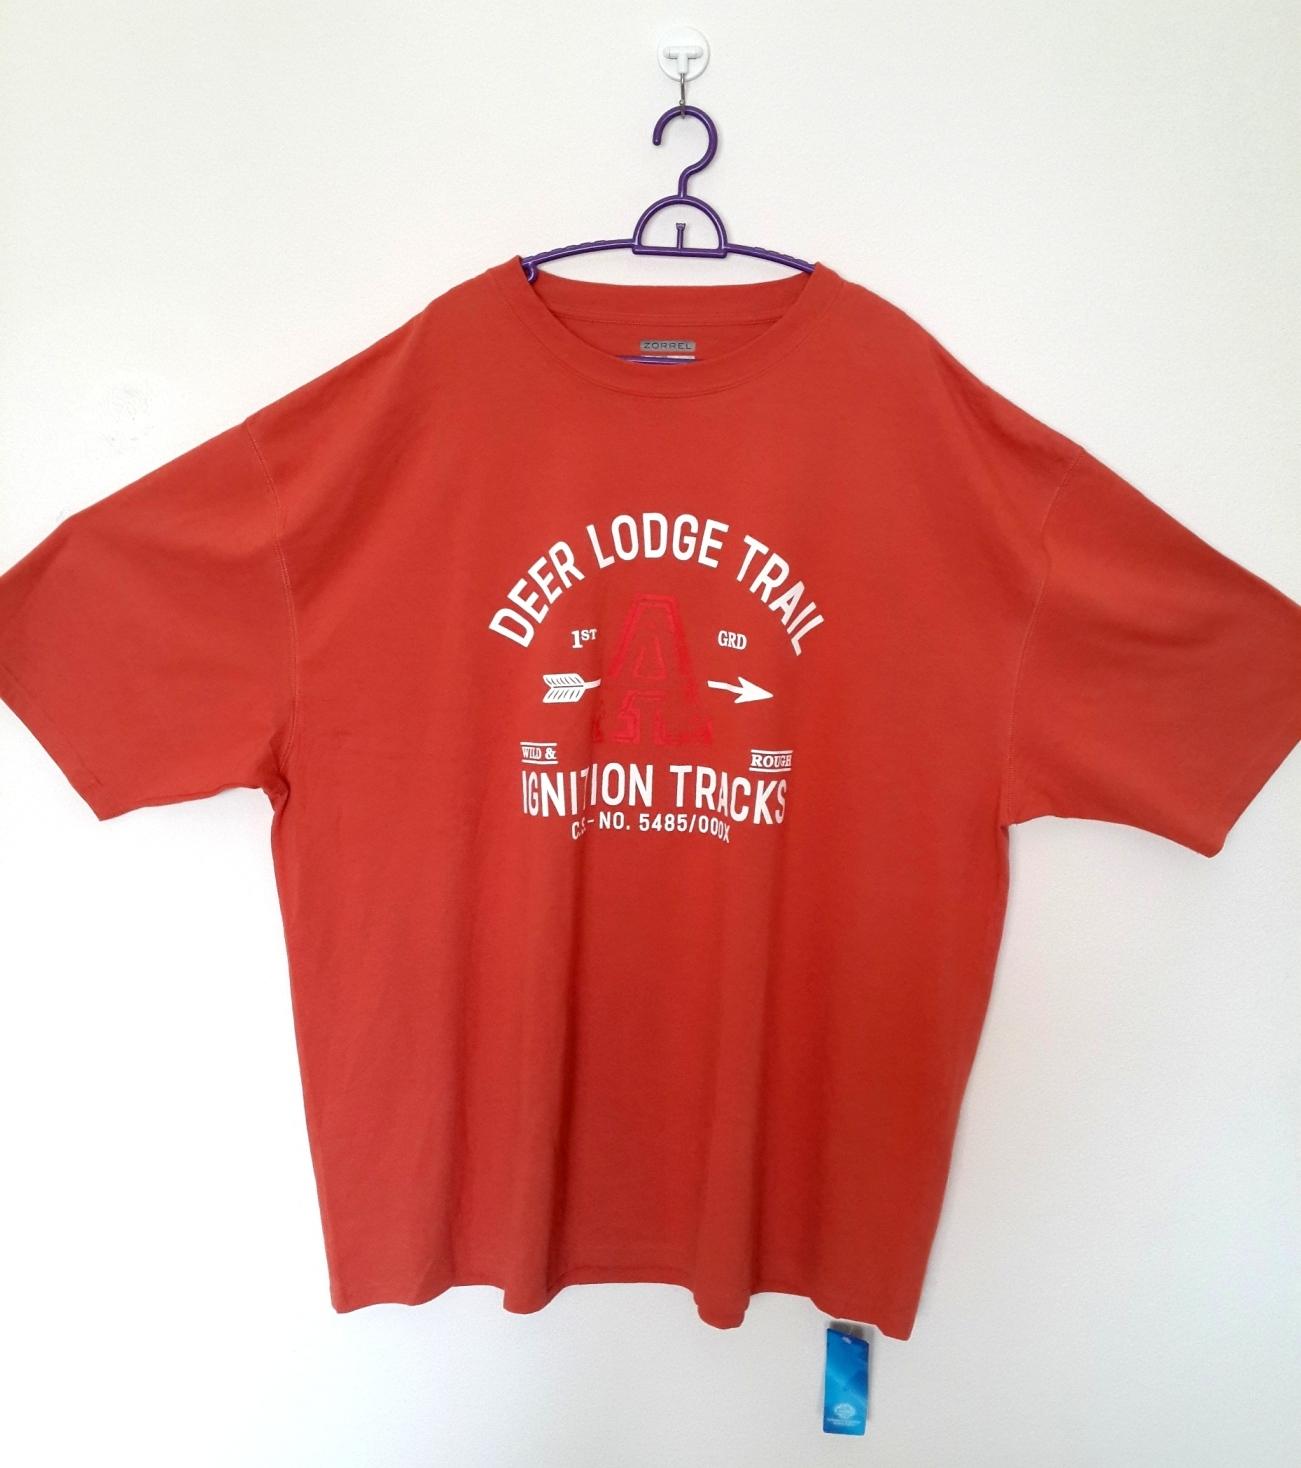 [พร้อมส่ง] เสื้อยืดคอกลมเนื้อดีมาก ยี่ห้อ Zorrel ส่งในอเมริกา ยุโรป ไซส์ 4XL แฟชั่นเกาหลีสำหรับผู้ชายไซส์ใหญ่มาก แขนสั้น เก๋ เท่ห์ - [In Stock] Large Size Men Size 4XL Korean Hitz Short-sleeved T-Shirt